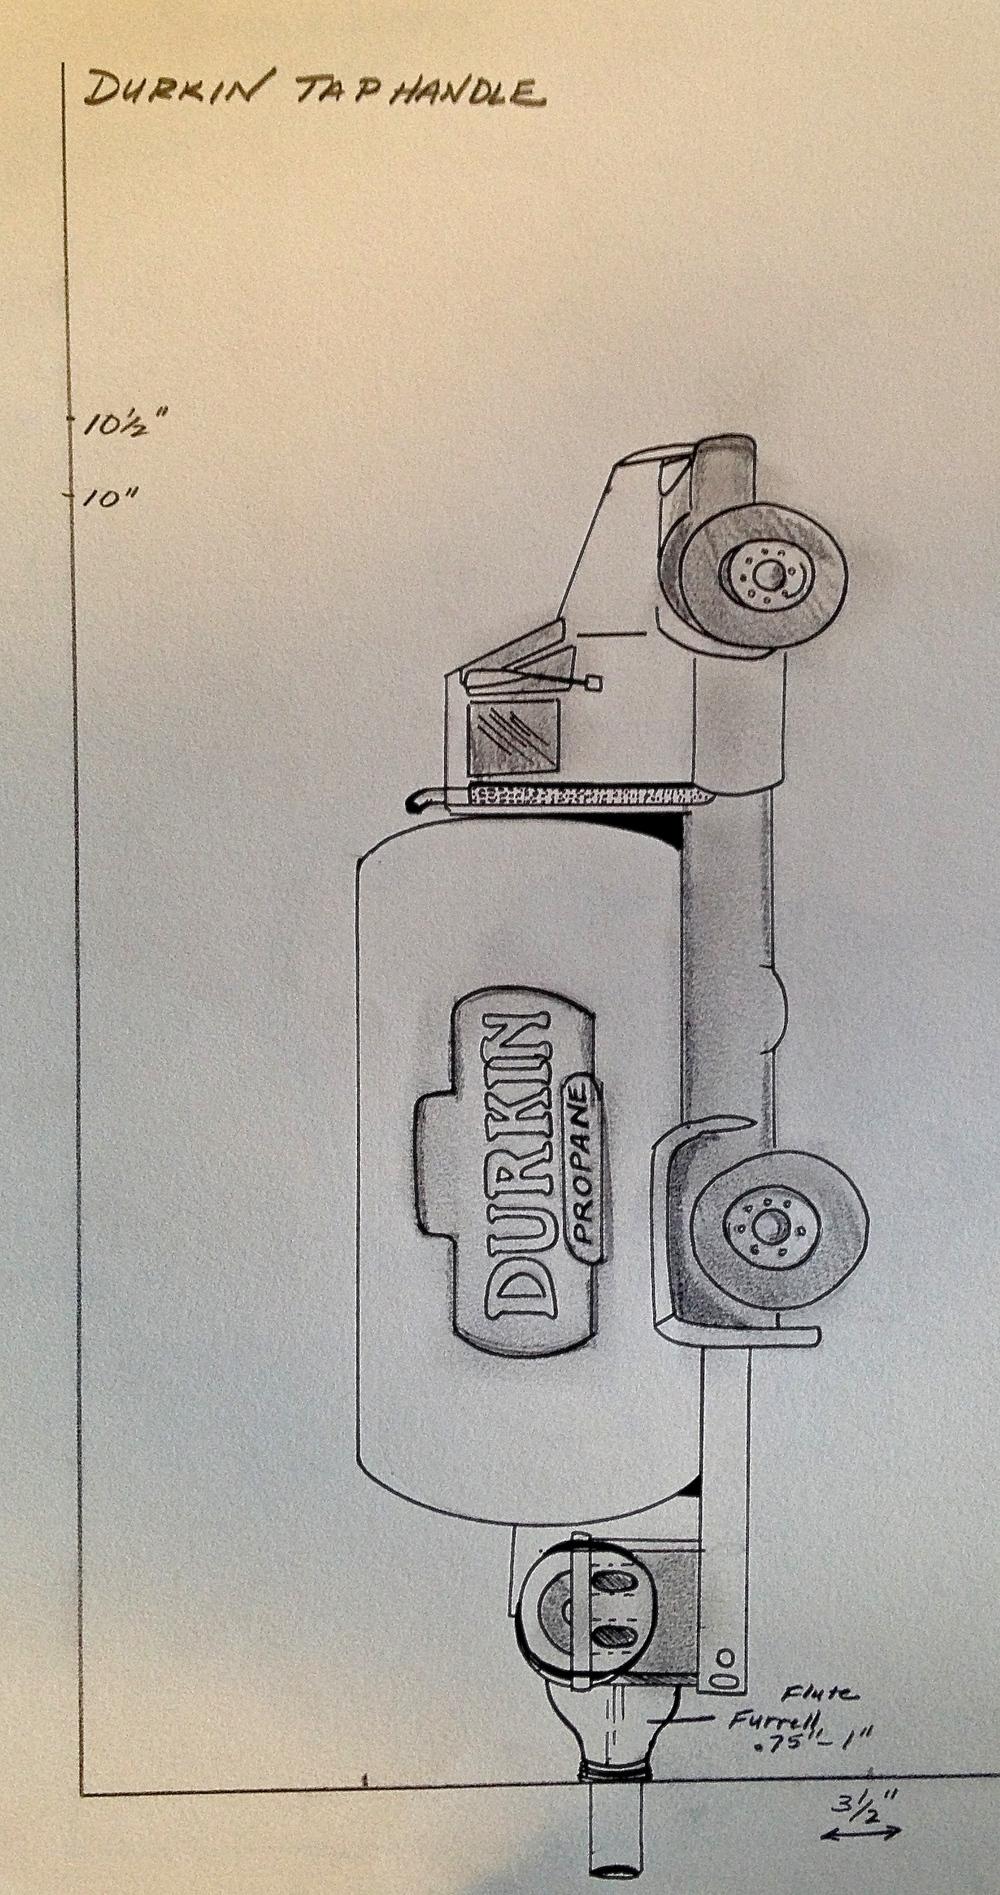 Durkin ManCave Design.jpg